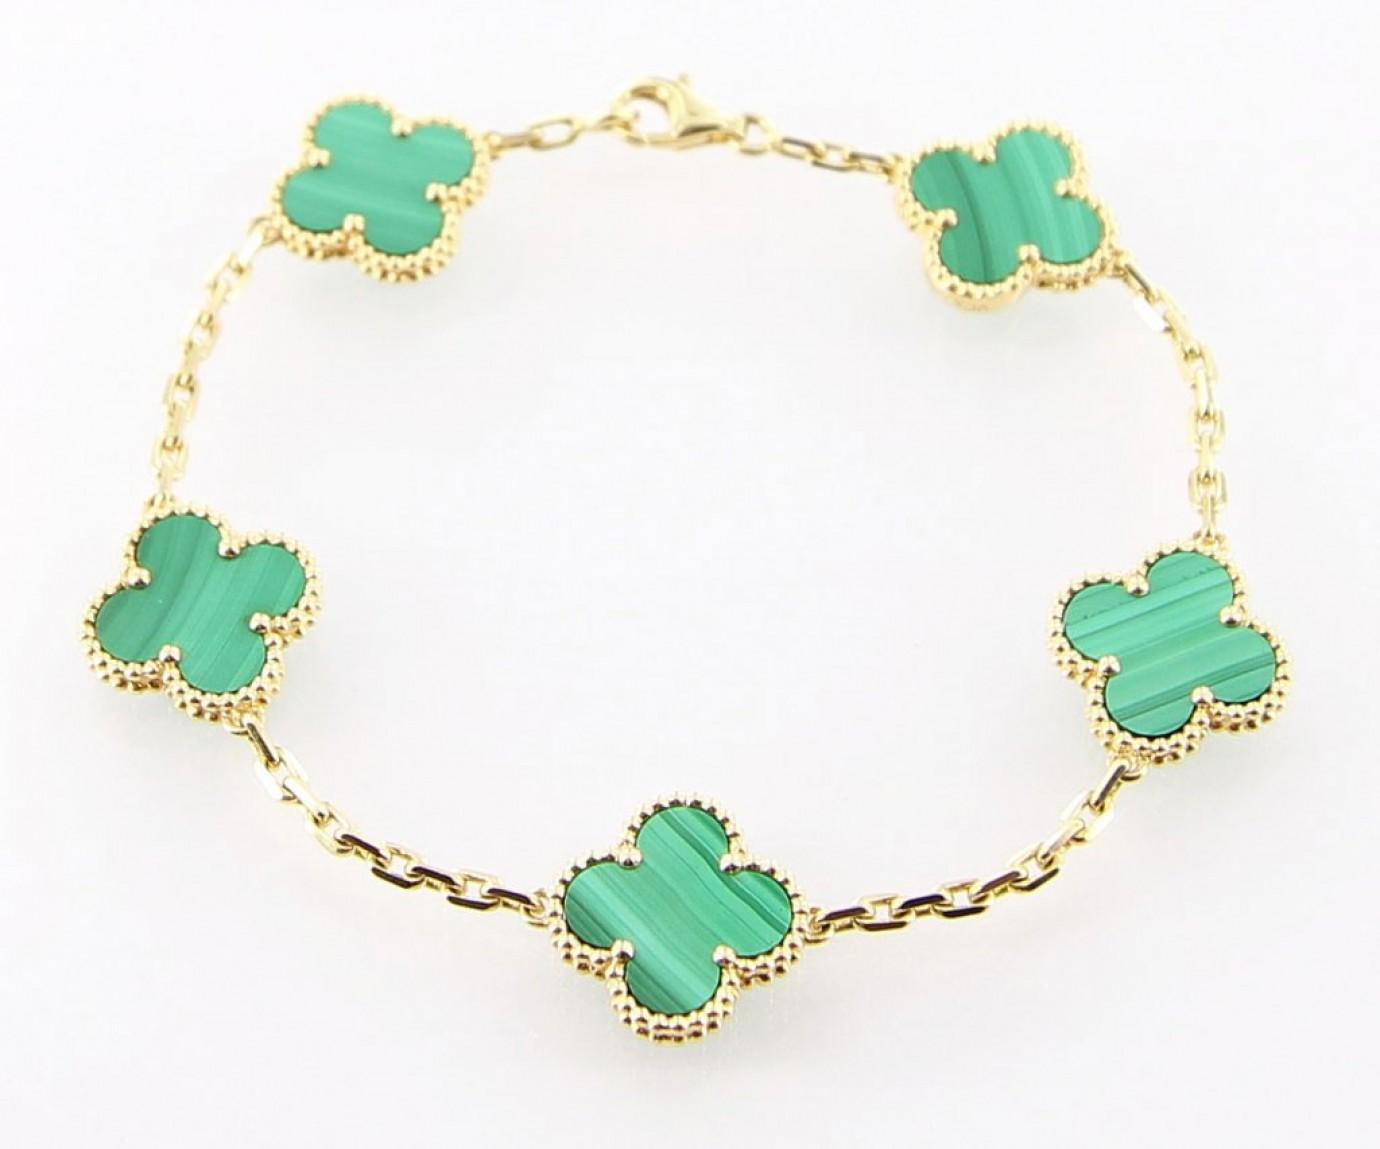 Van Cleef Arpels Alhambra Bracelet Roath S Pawn